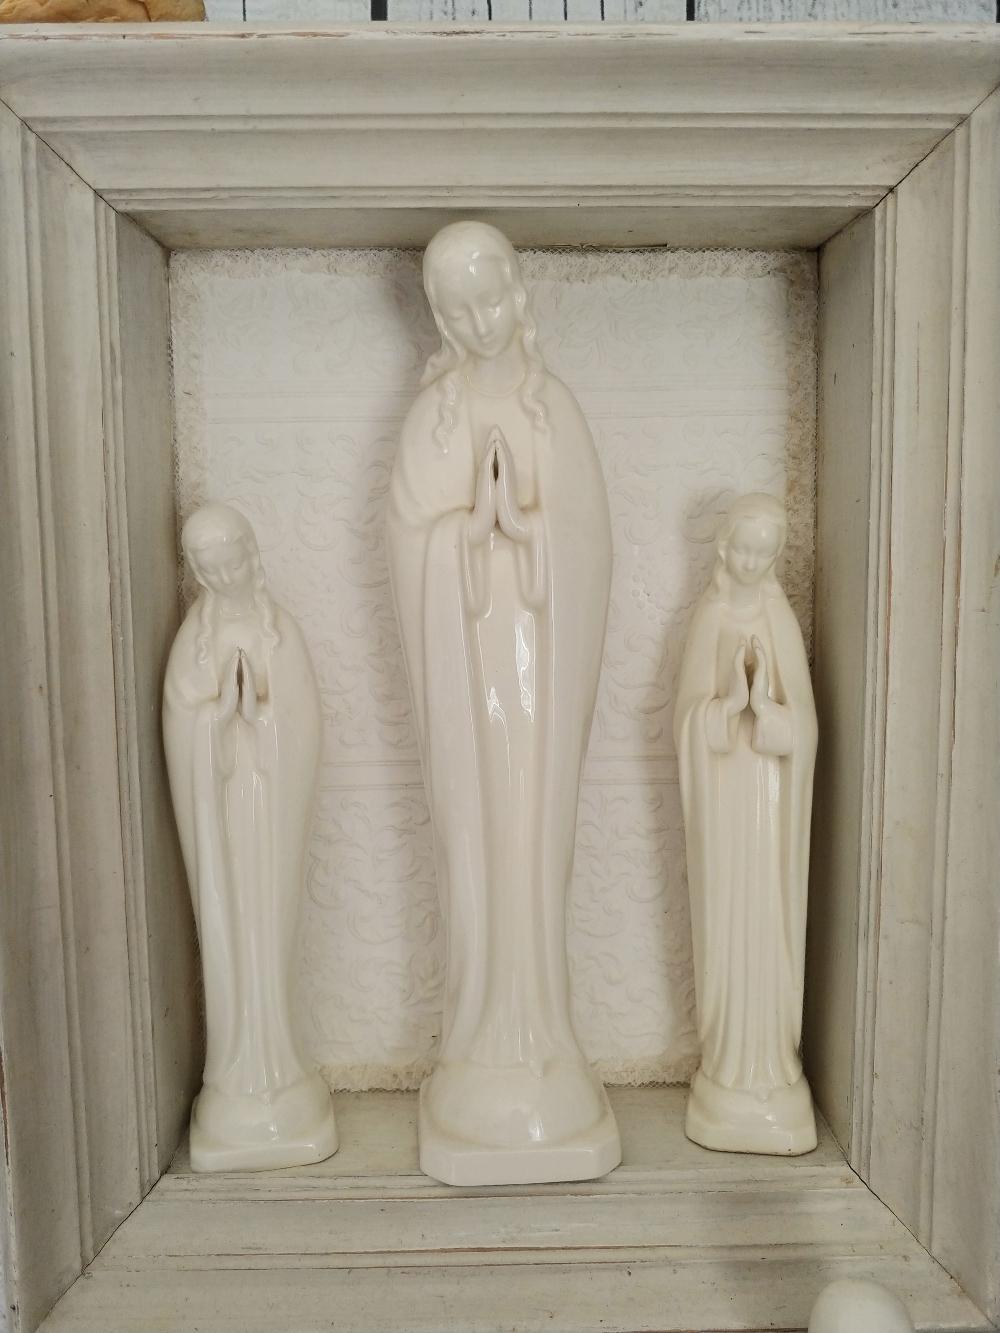 Madonna figurine